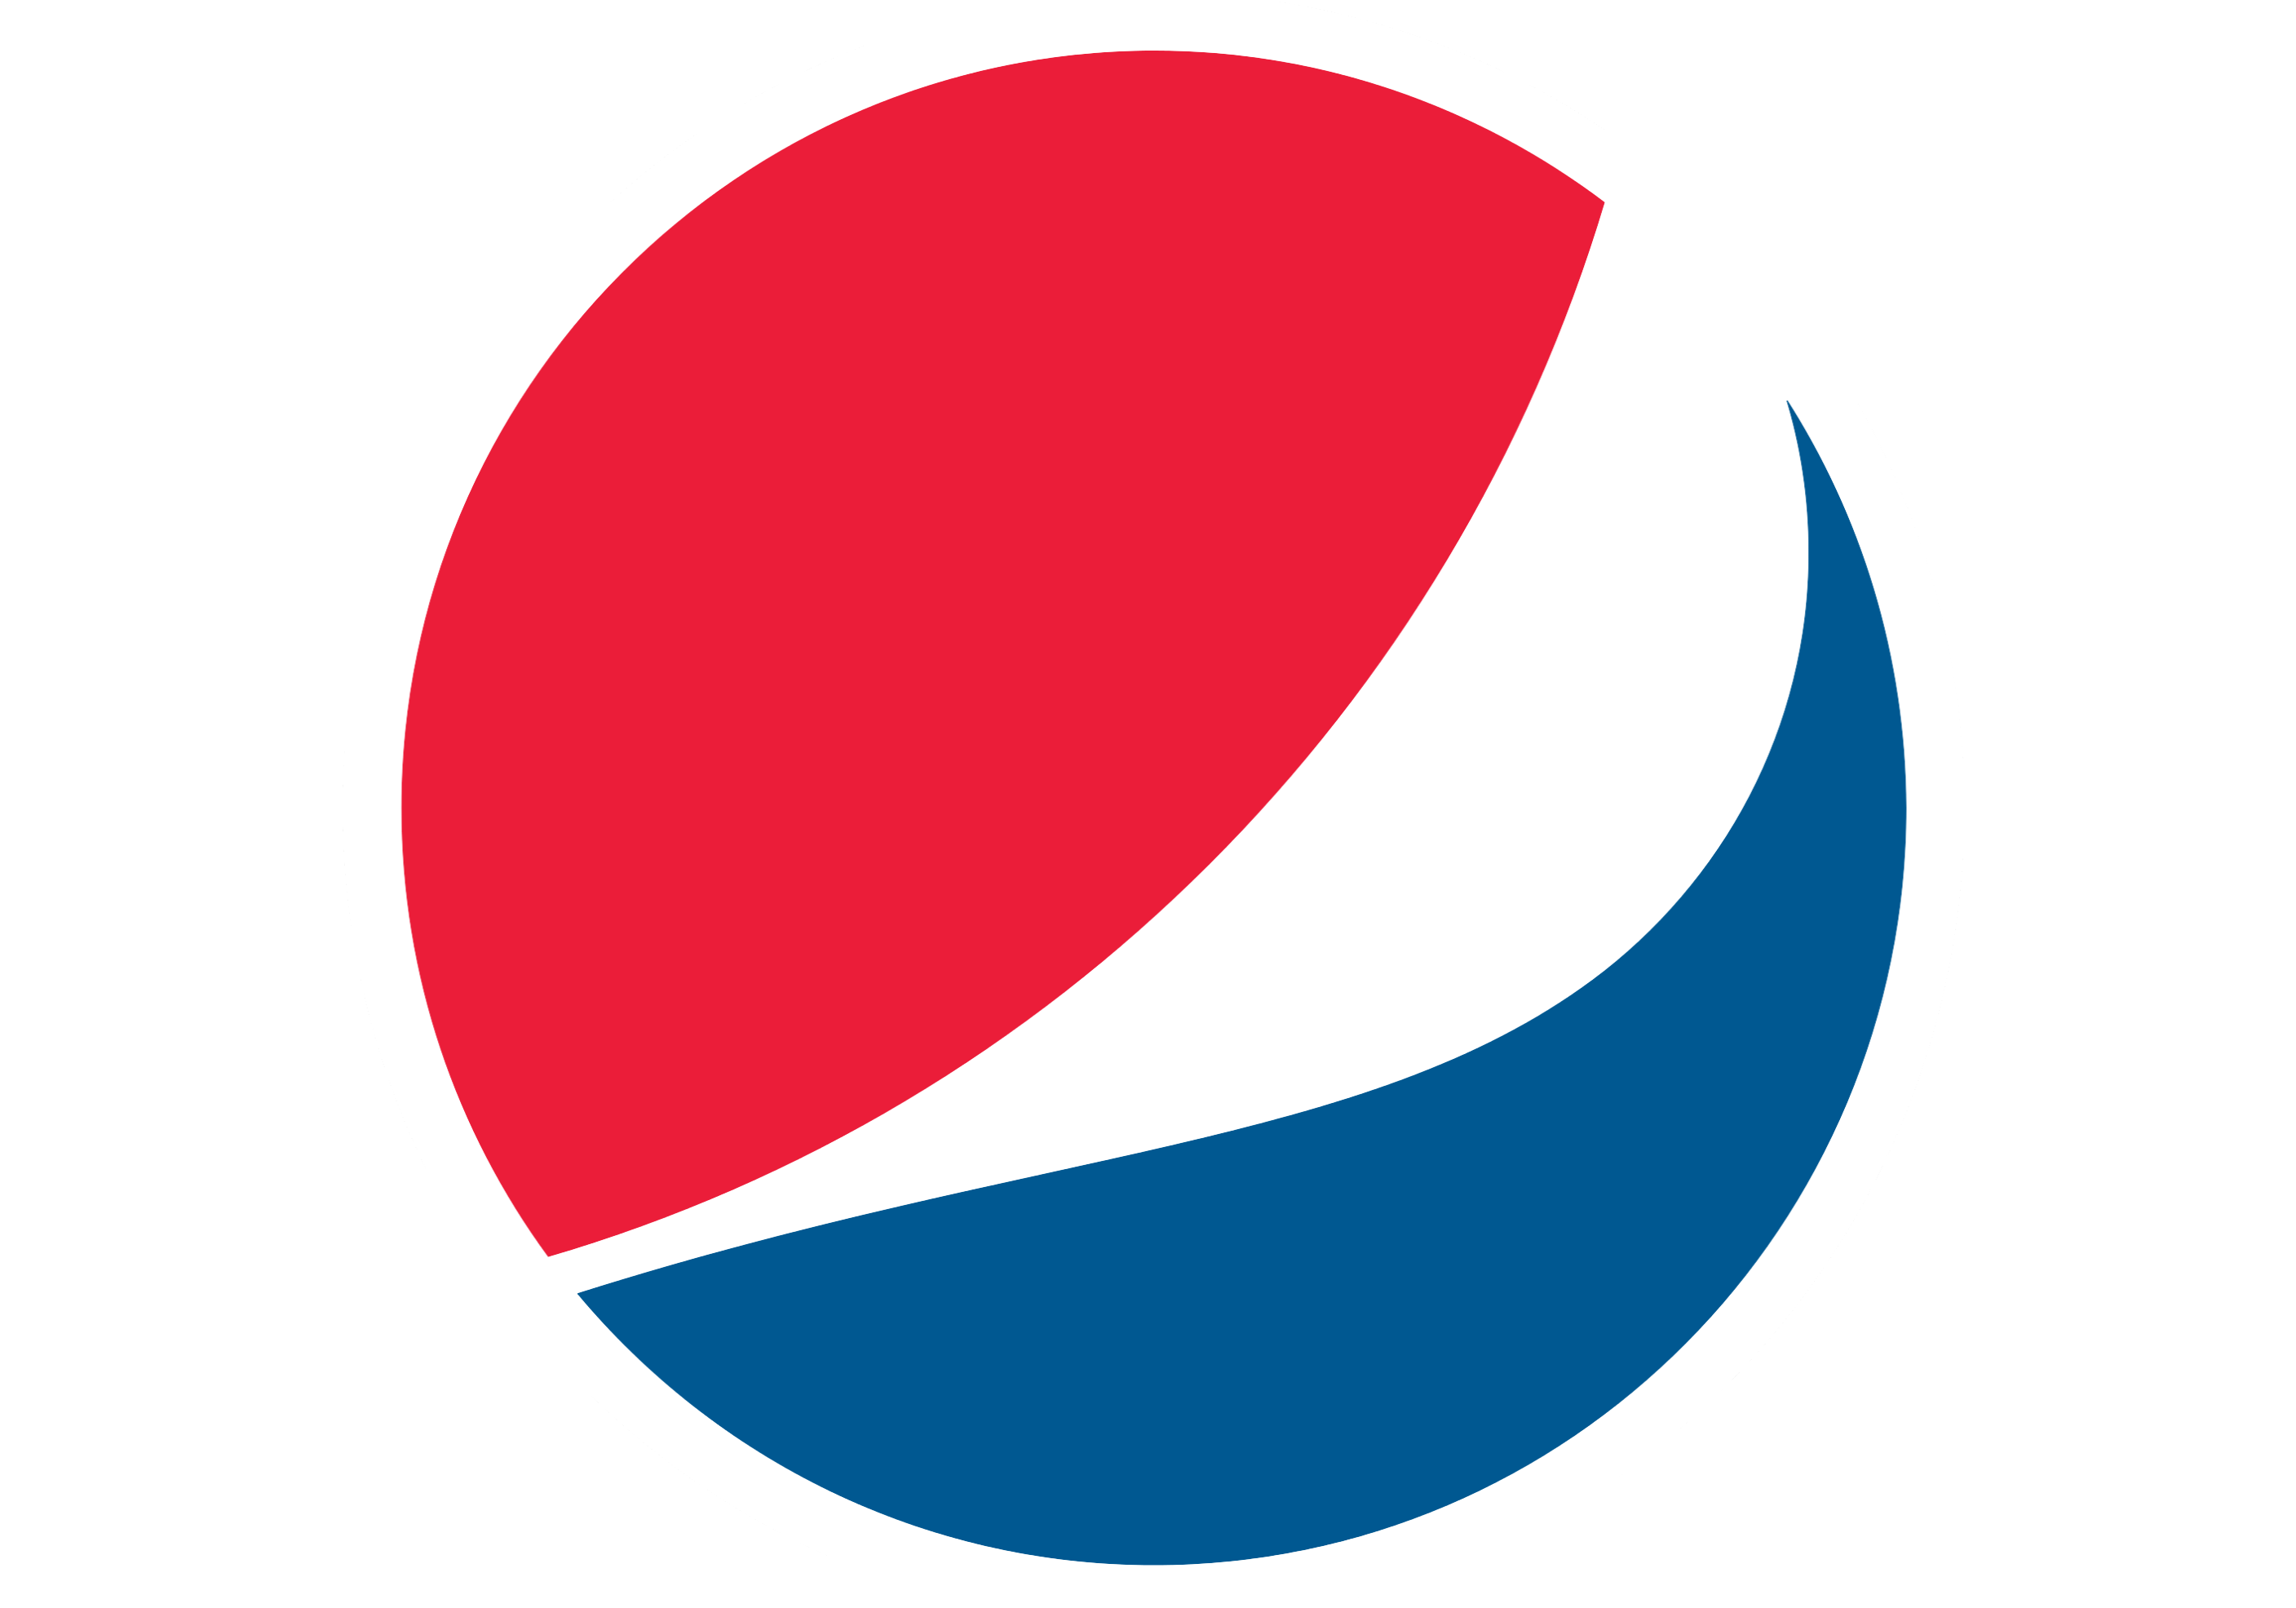 Pepsi_l